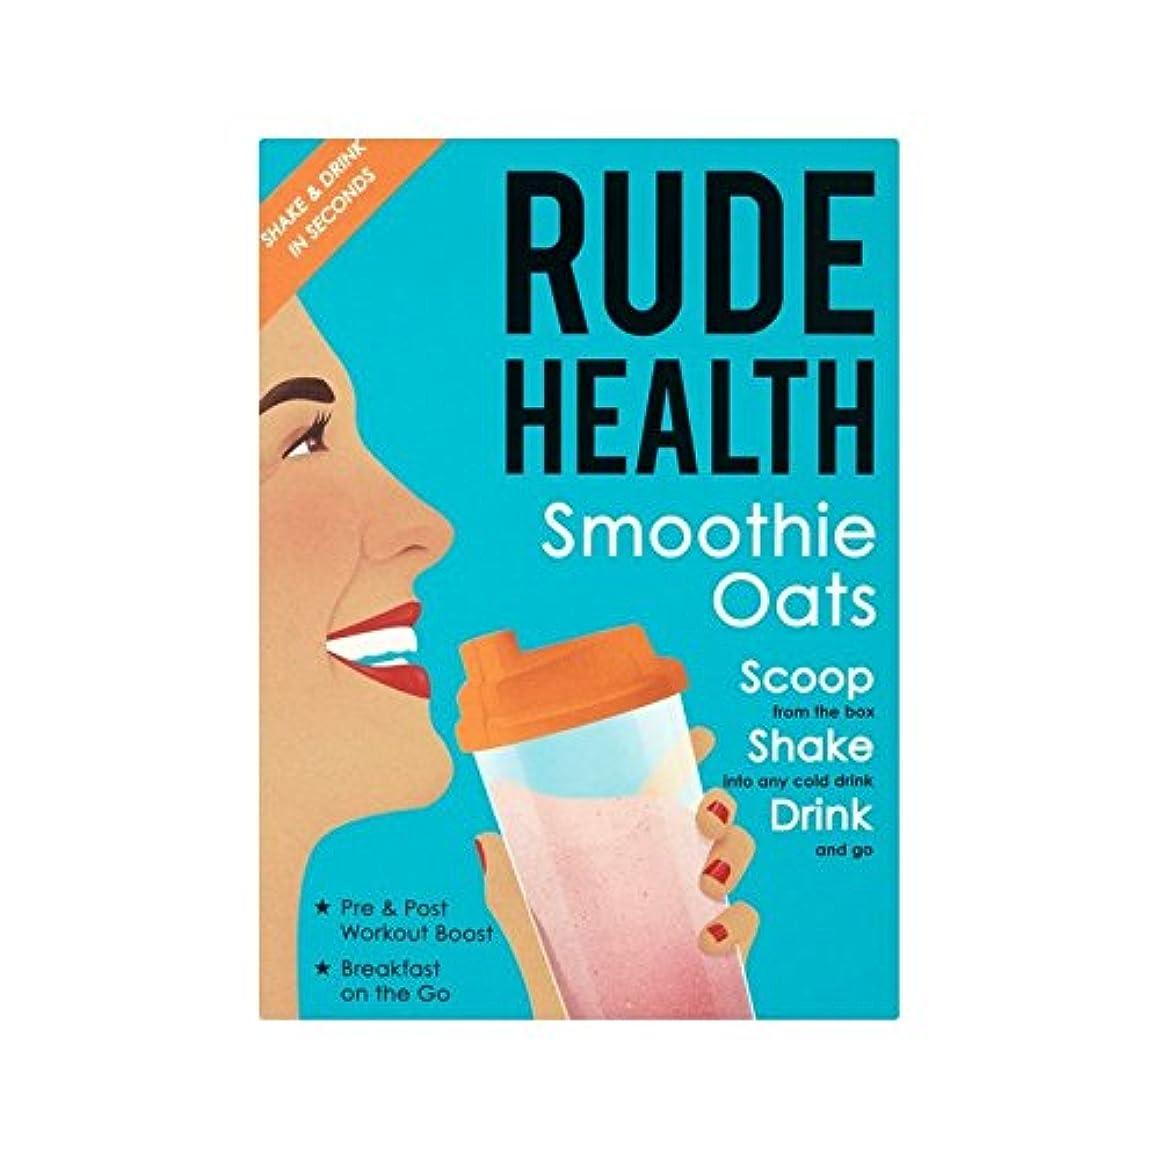 うなずくカトリック教徒天気スムージーオート麦250グラム (Rude Health) (x 6) - Rude Health Smoothie Oats 250g (Pack of 6) [並行輸入品]